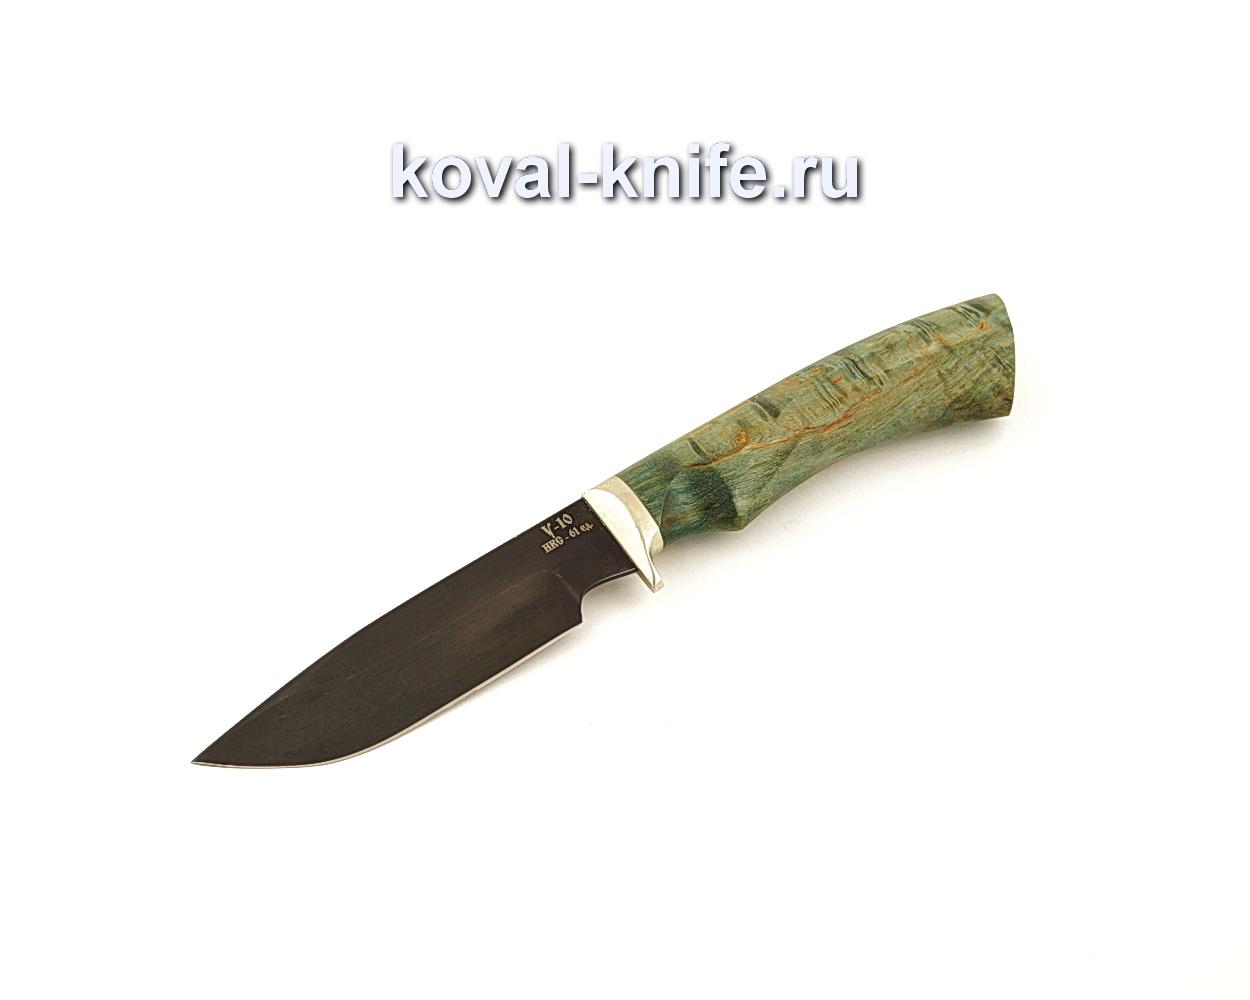 Нож Бигзод-мини из кованой стали У10 с рукоятью из стабилизированной карельской березы  A655